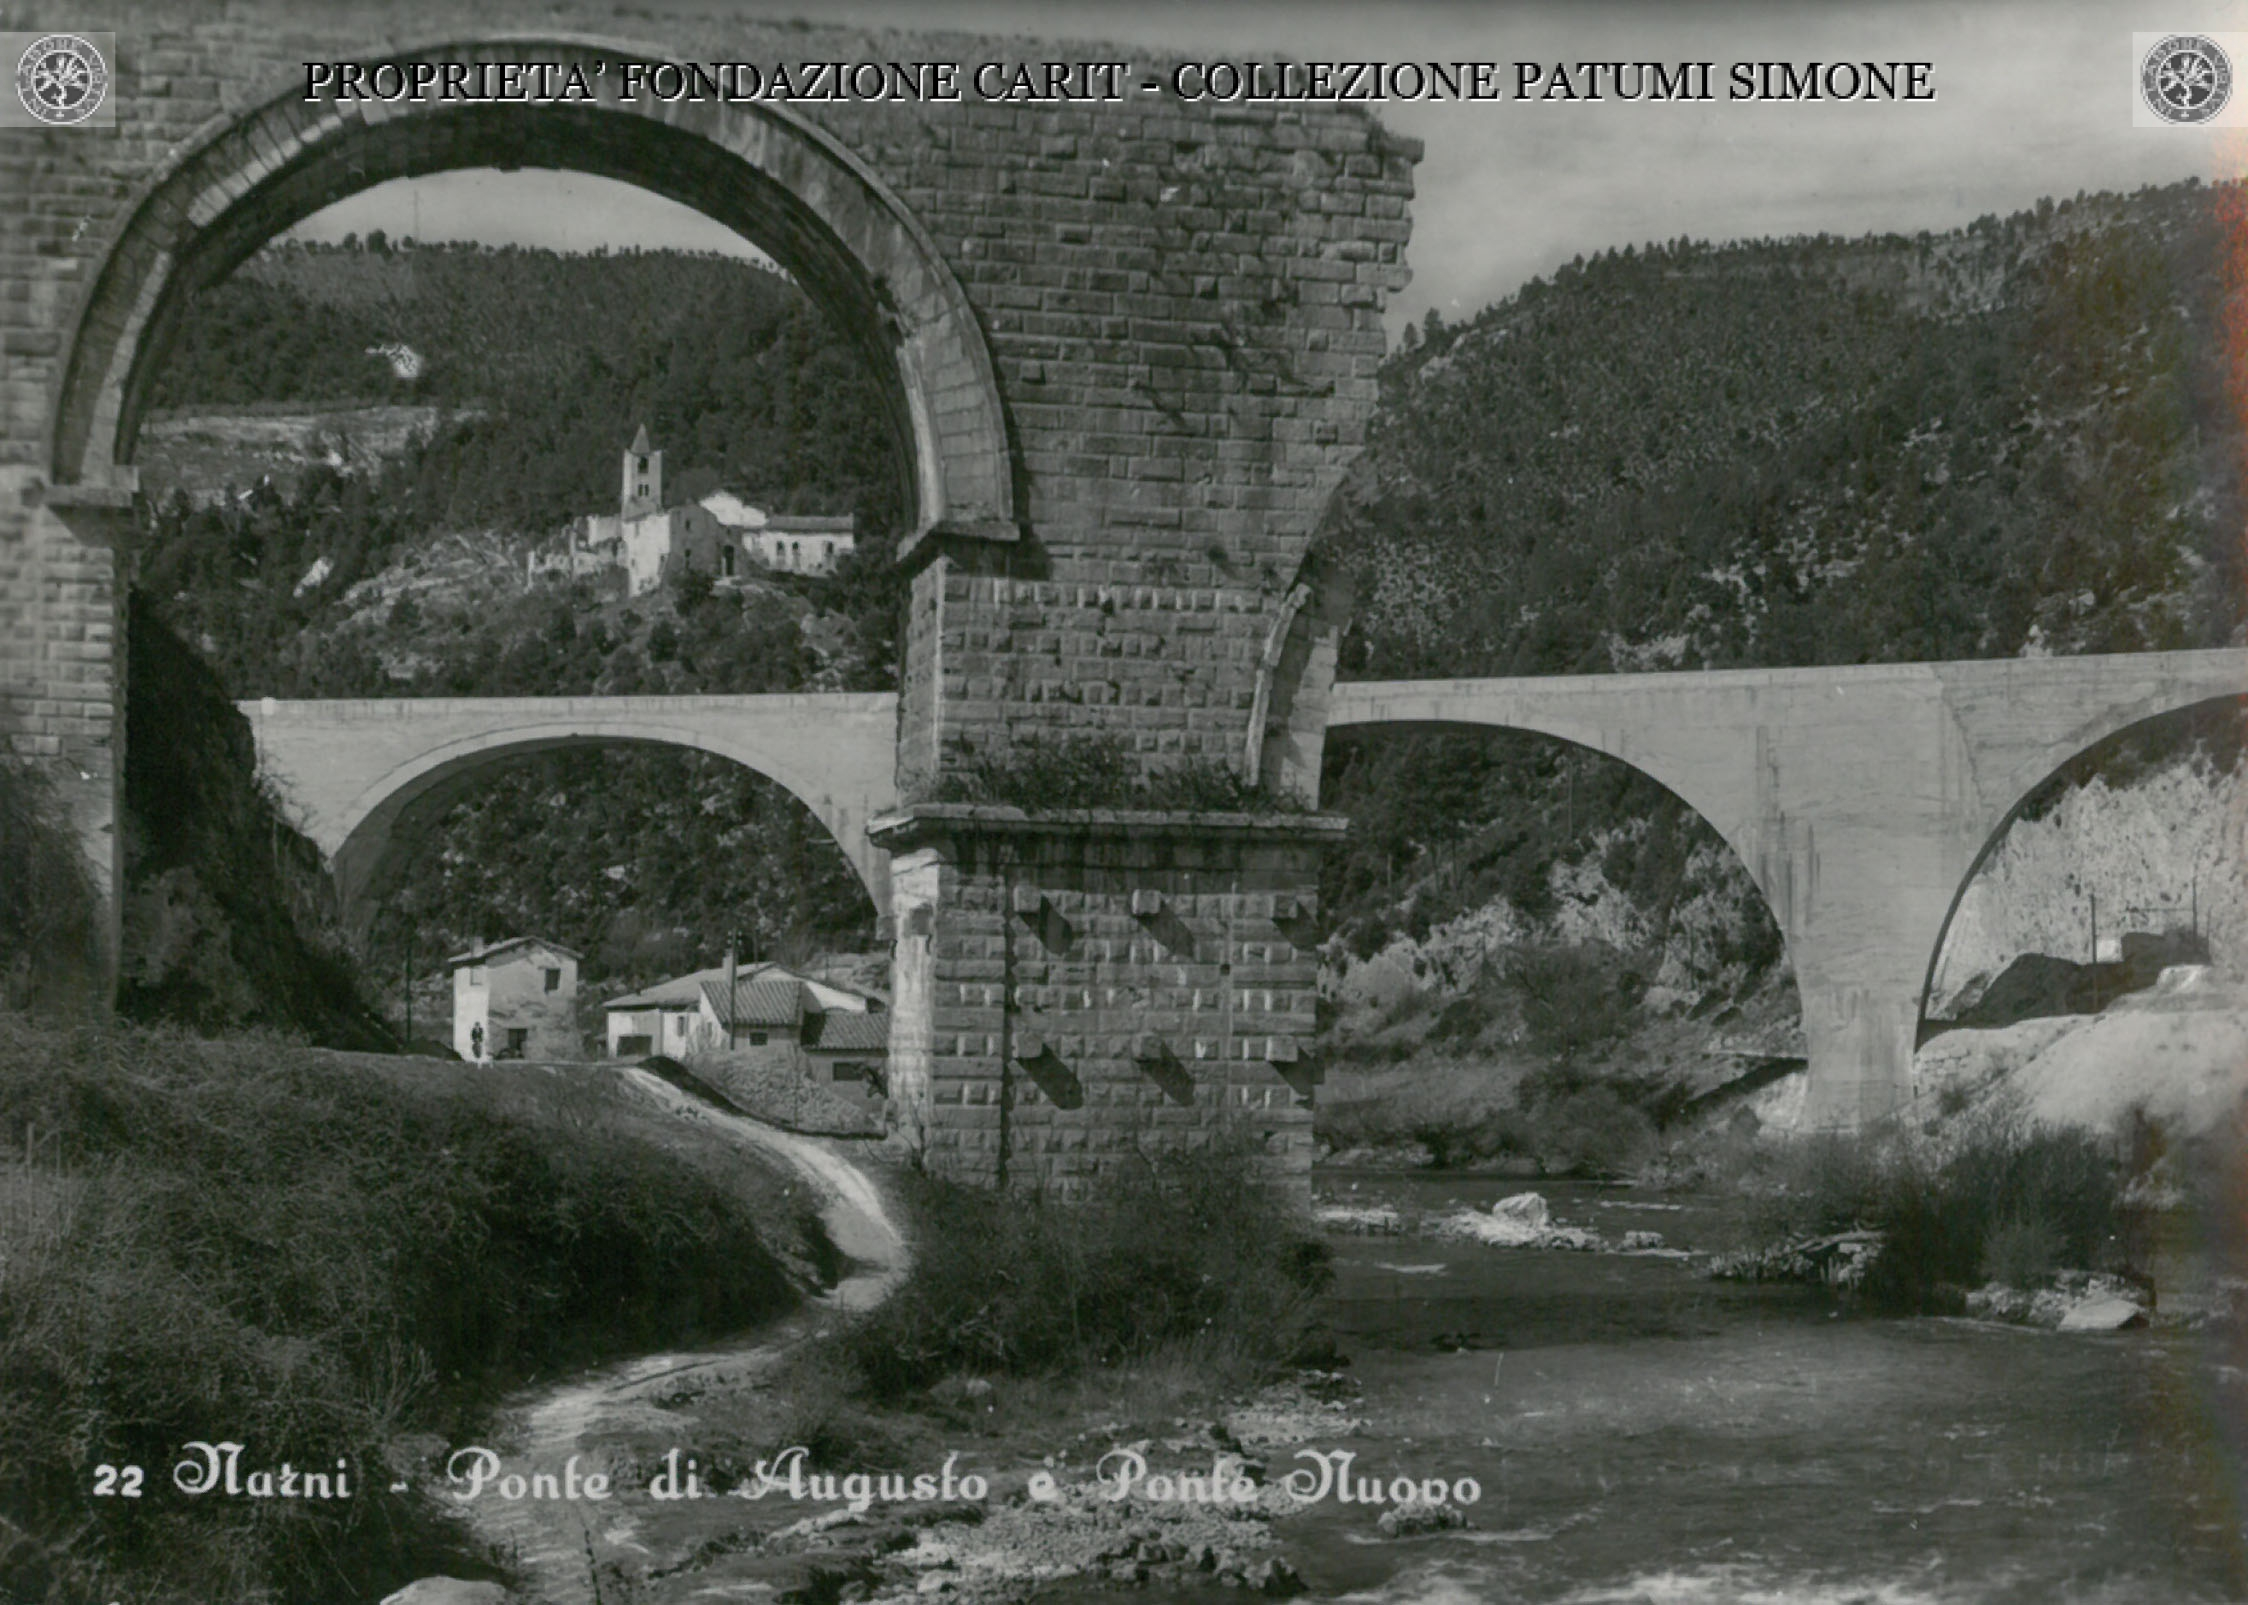 1959 Narni 1 Collection Patumi Simone, Cassa di Risparmio di Narni e Terni